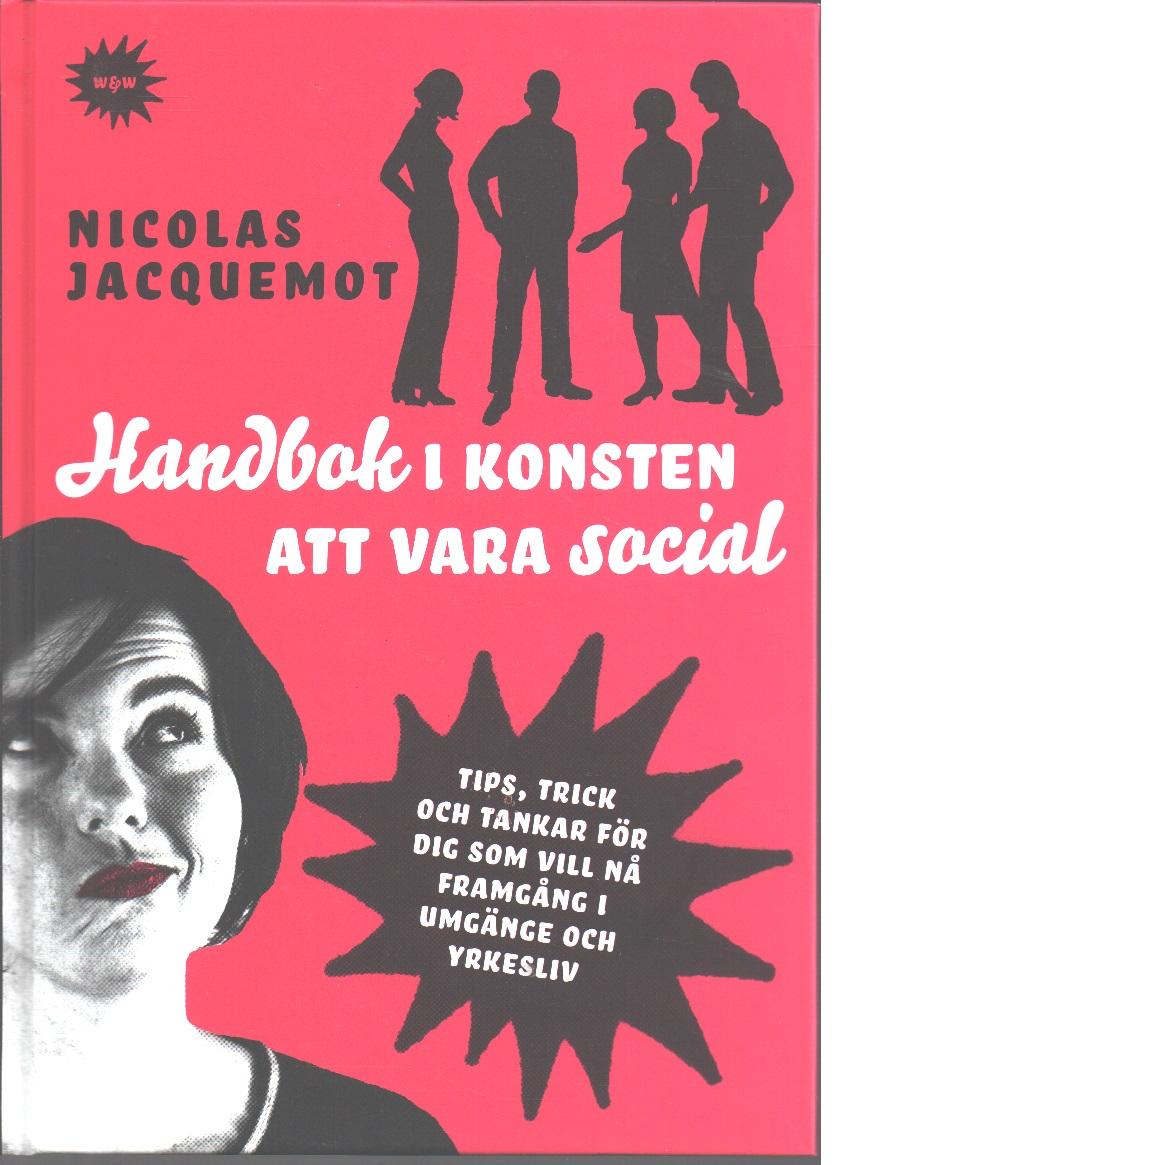 Handbok i konsten att vara social : tips, trick och tankar för dig som vill nå framgång i umgänge och yrkesliv - Jacquemot, Nicolas,